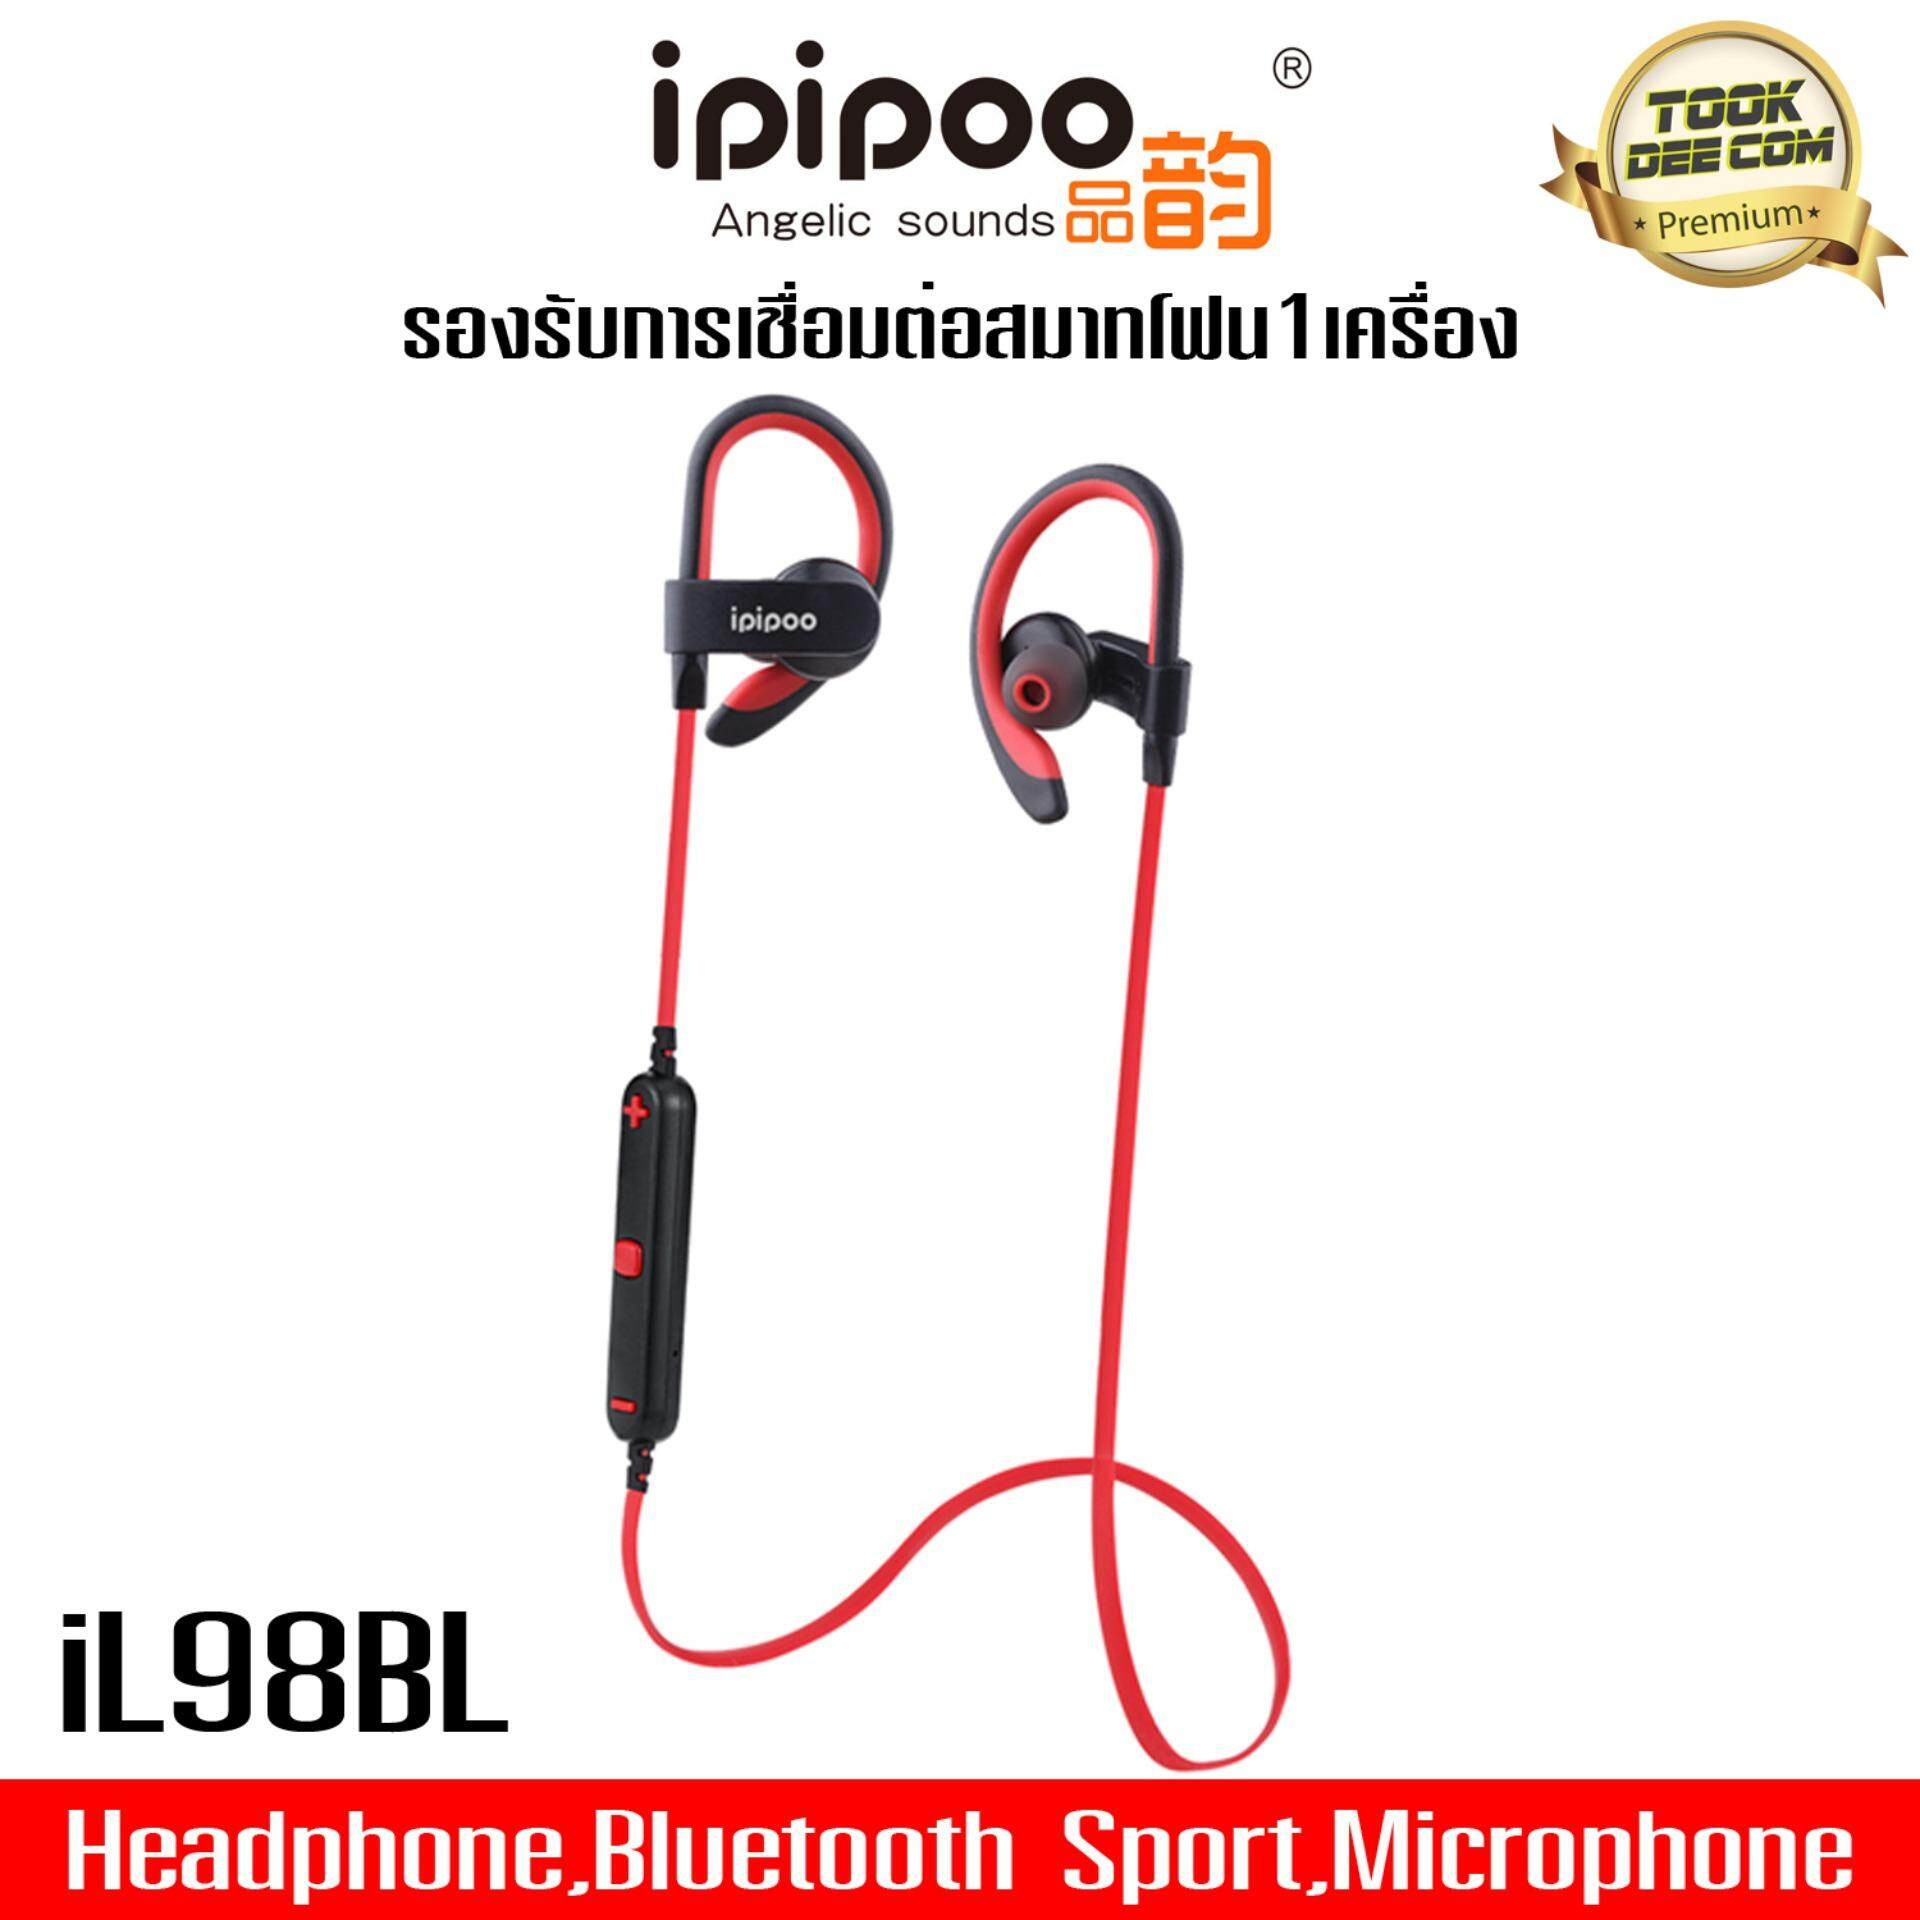 ขาย ของแท้ Ipipoo Il98Bl Wireless Bluetooth Sports Stereo Earphone กรุงเทพมหานคร ถูก